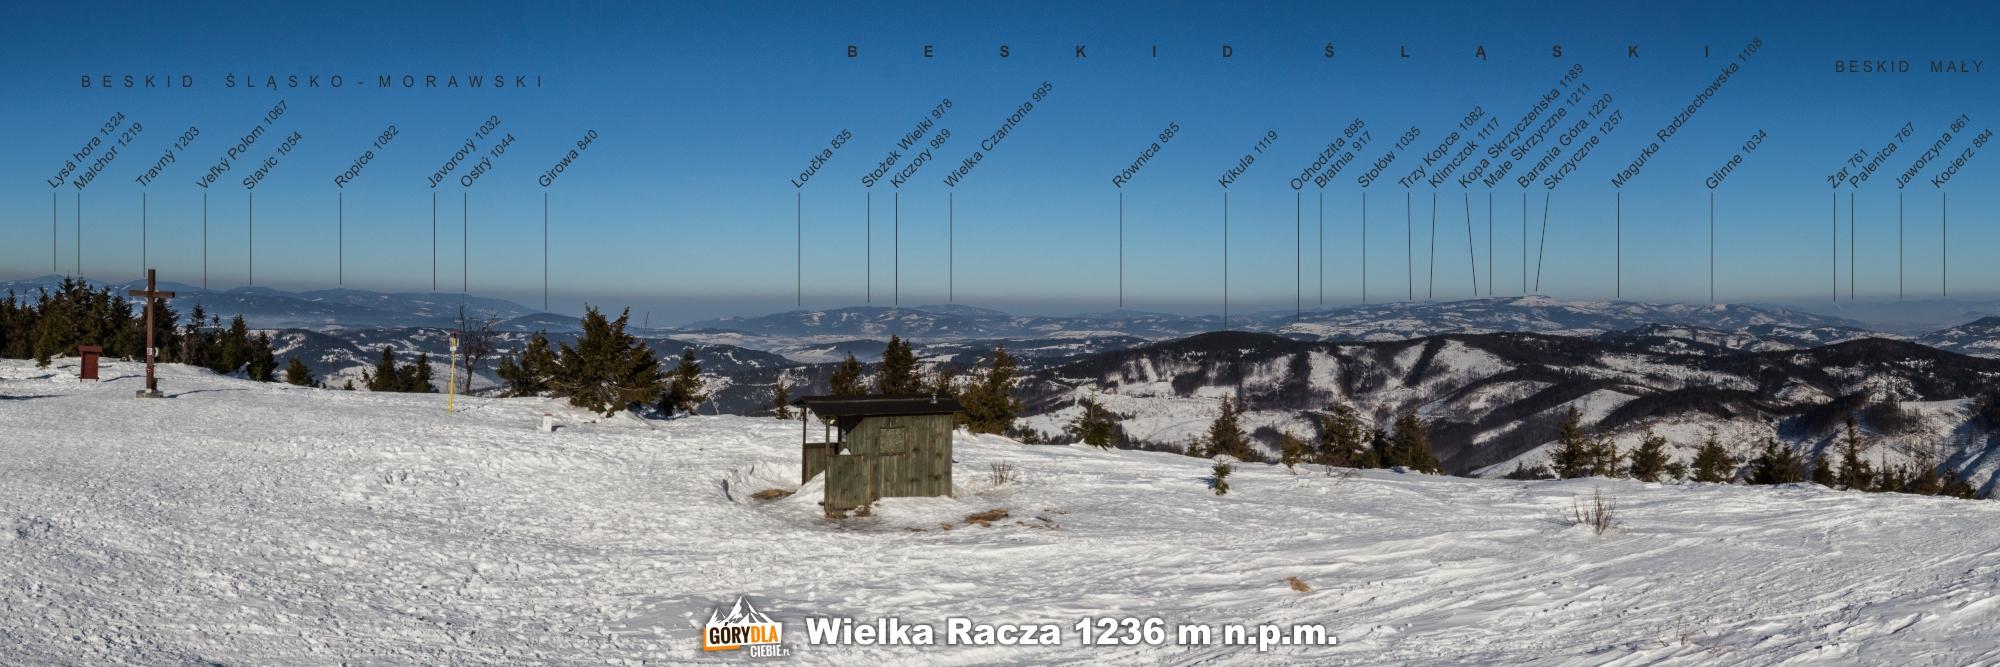 Panorama zeszczytu Wielkiej Raczy (1236 m) napółnoc